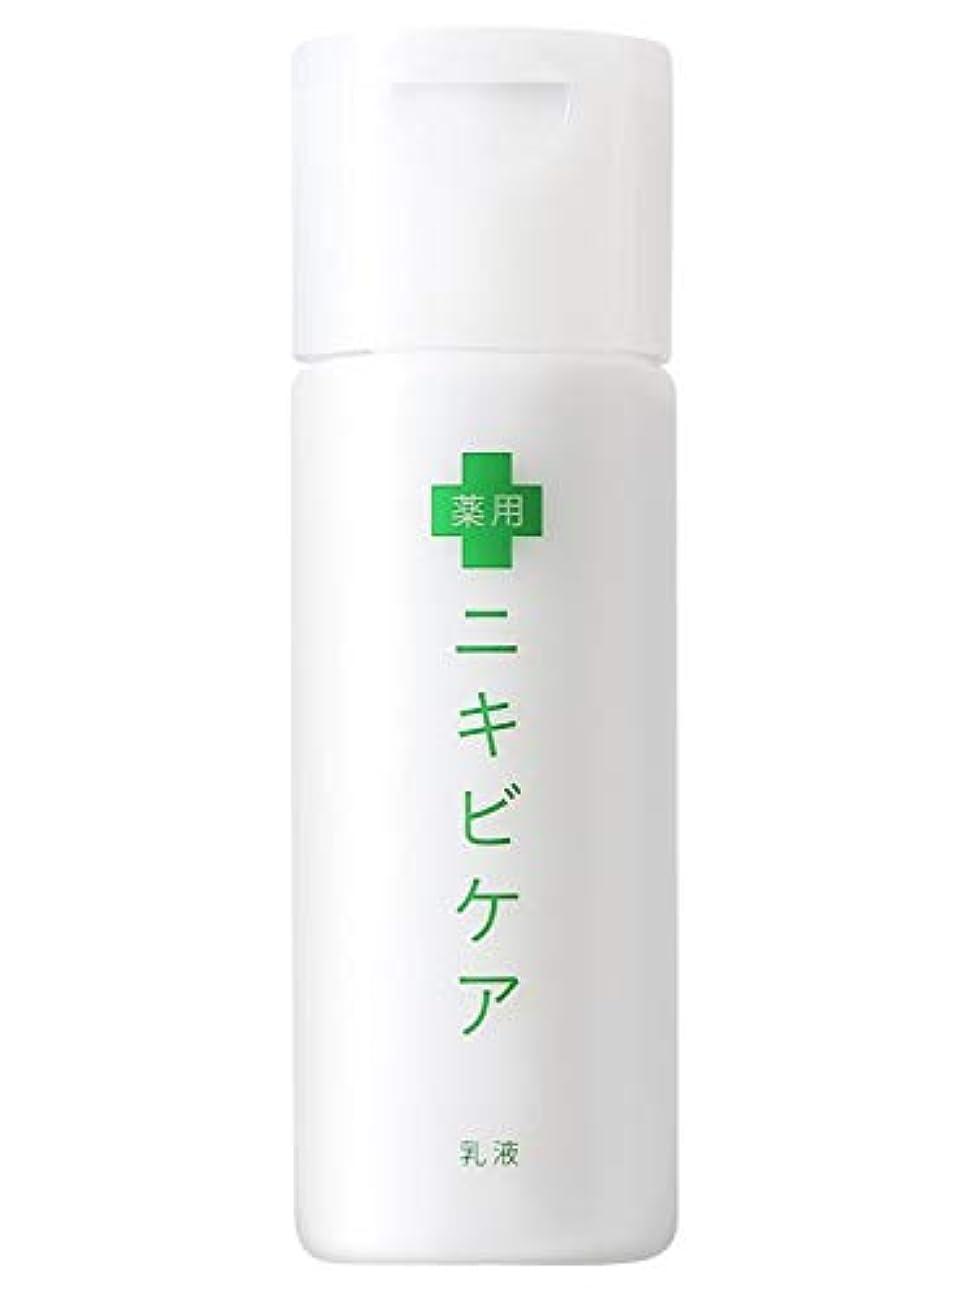 ストリップ電極概して医薬部外品 薬用 ニキビケア 乳液 大人ニキビ 予防「 あご おでこ 鼻 ニキビ 顔 対策 アクネ 対策 保湿剤 」「 プラセンタ コラーゲン ヒアルロン酸 配合 」 メンズ & レディース 100ml